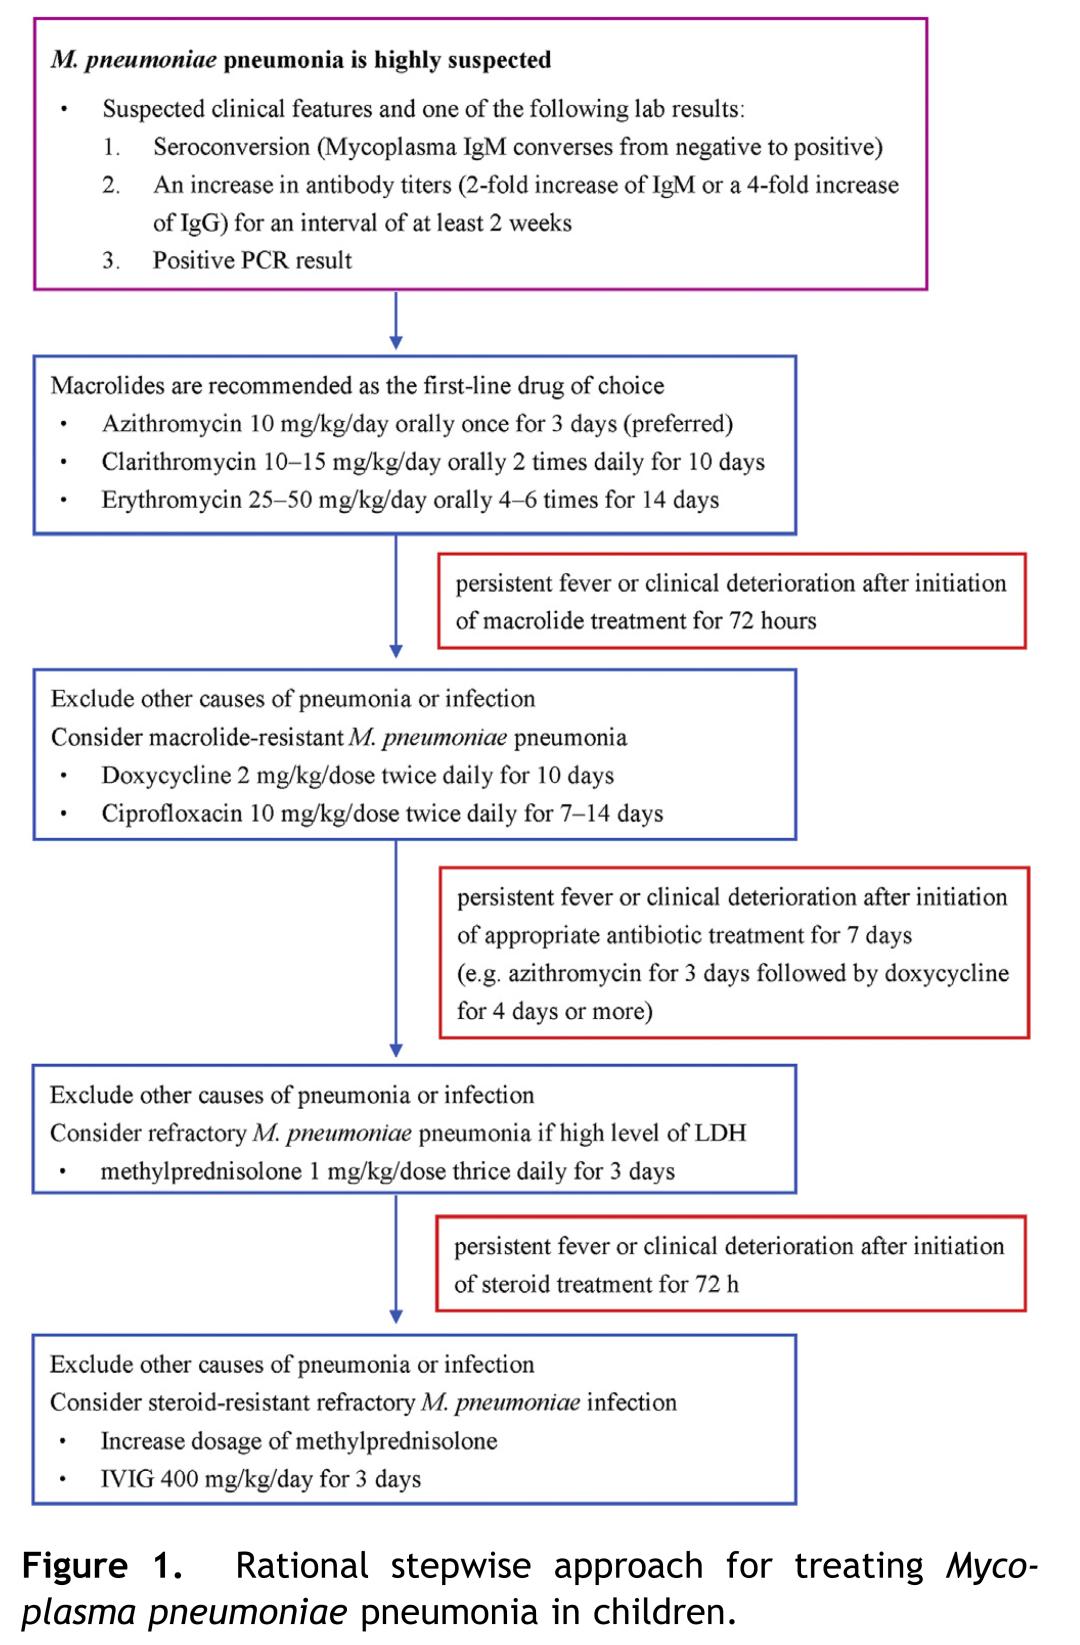 肺炎支原体丨可为和有为,呼吸道症候群病原体检测系列抗原详解Ⅲ